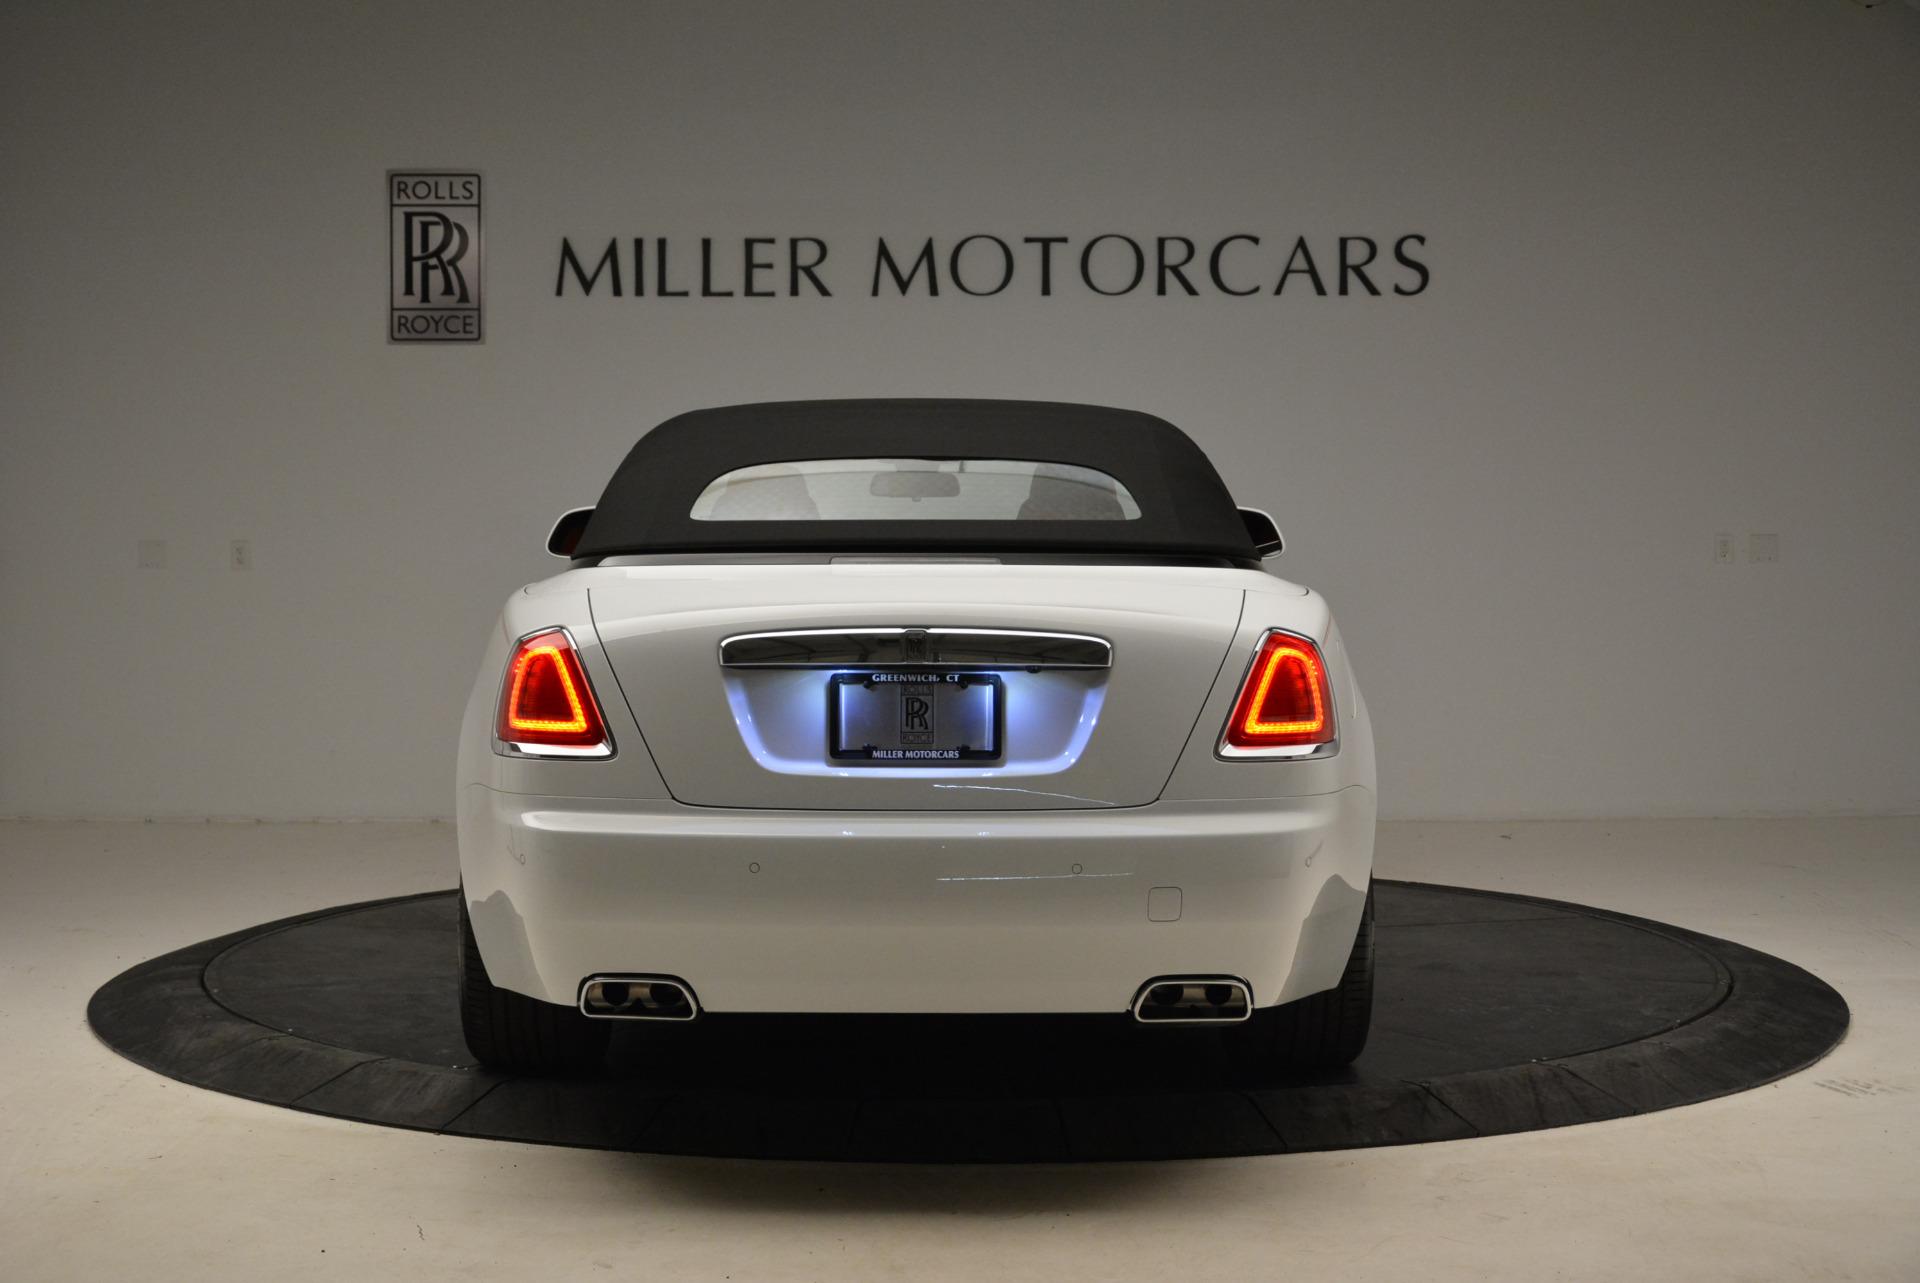 New-2018-Rolls-Royce-Dawn